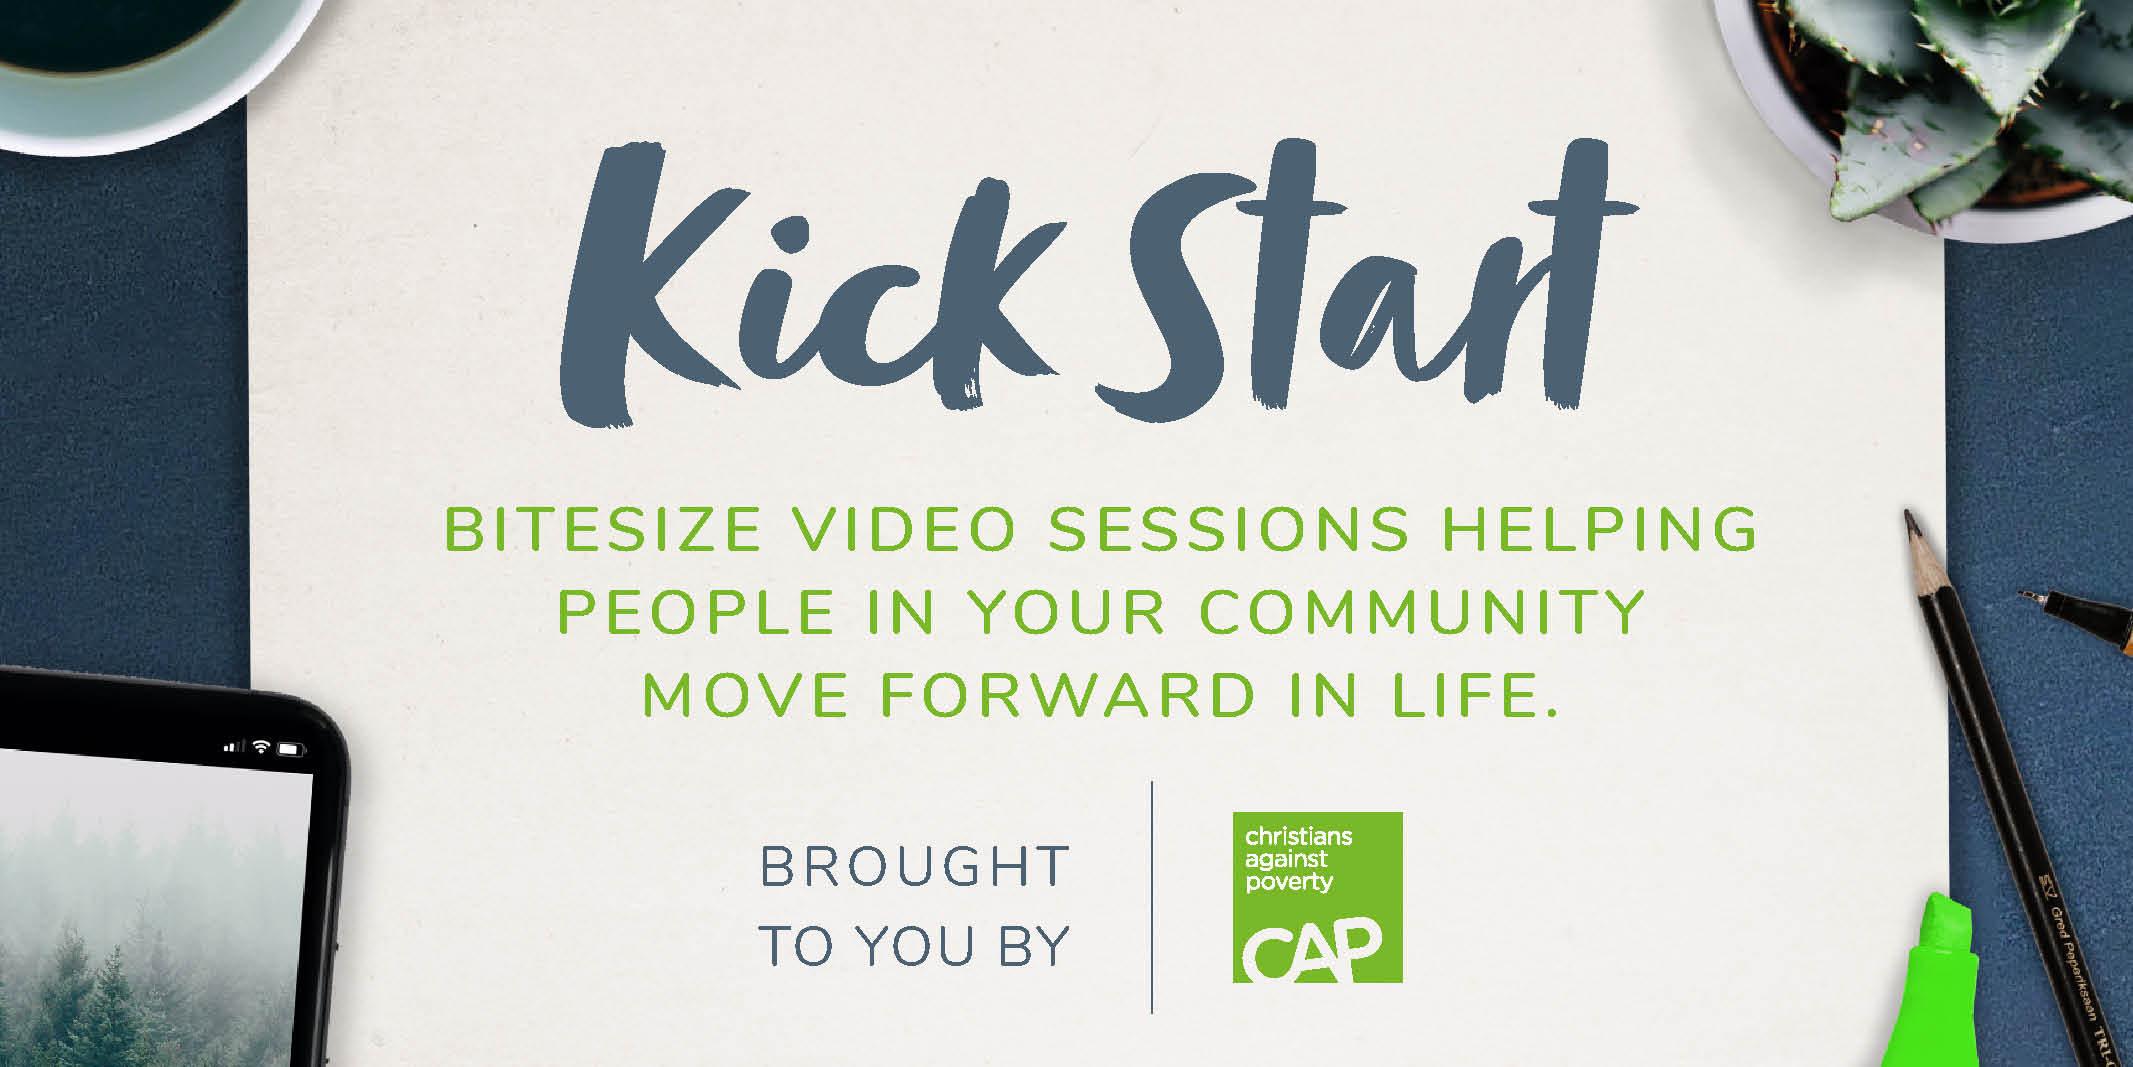 Kick Start promo image